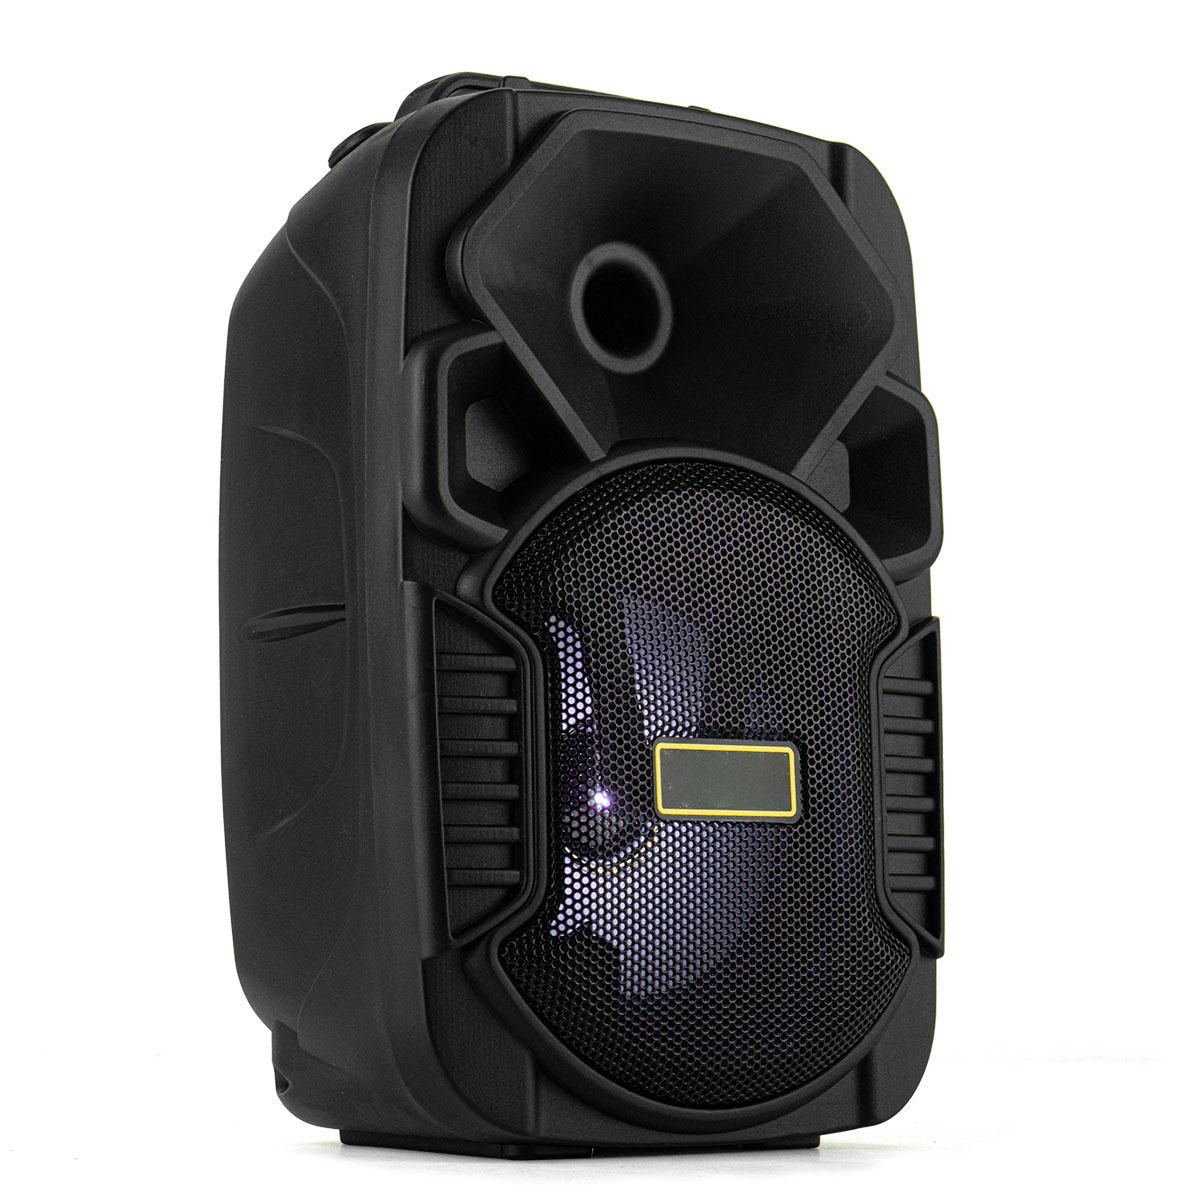 Caixa de Som Bluetooth Portátil 5 Watts RMS com Entrada USB Micro SD P2 XTrad XDG-54